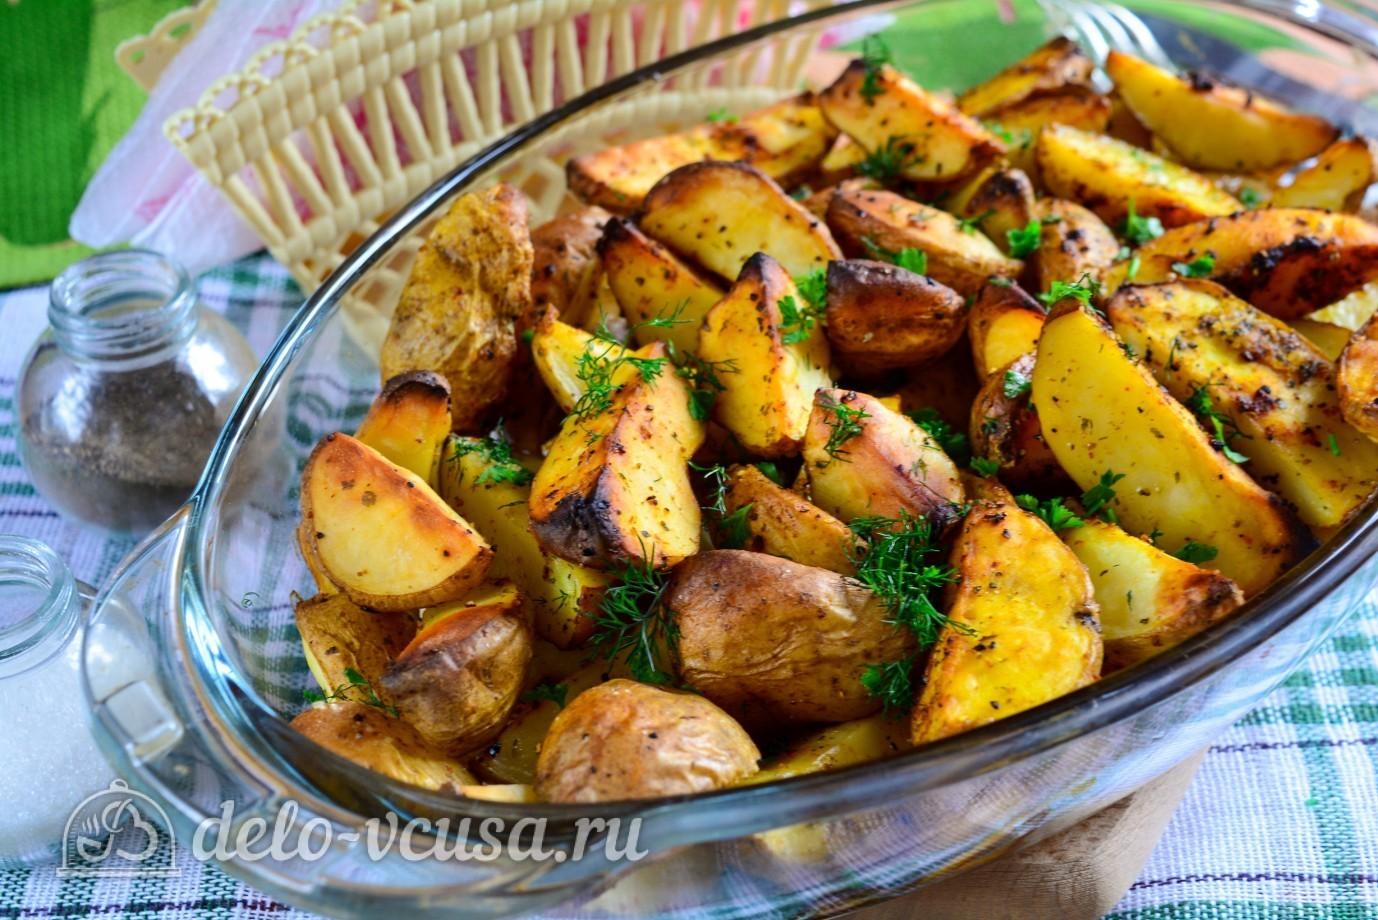 Запеченные картофель в духовке рецепт пошагово